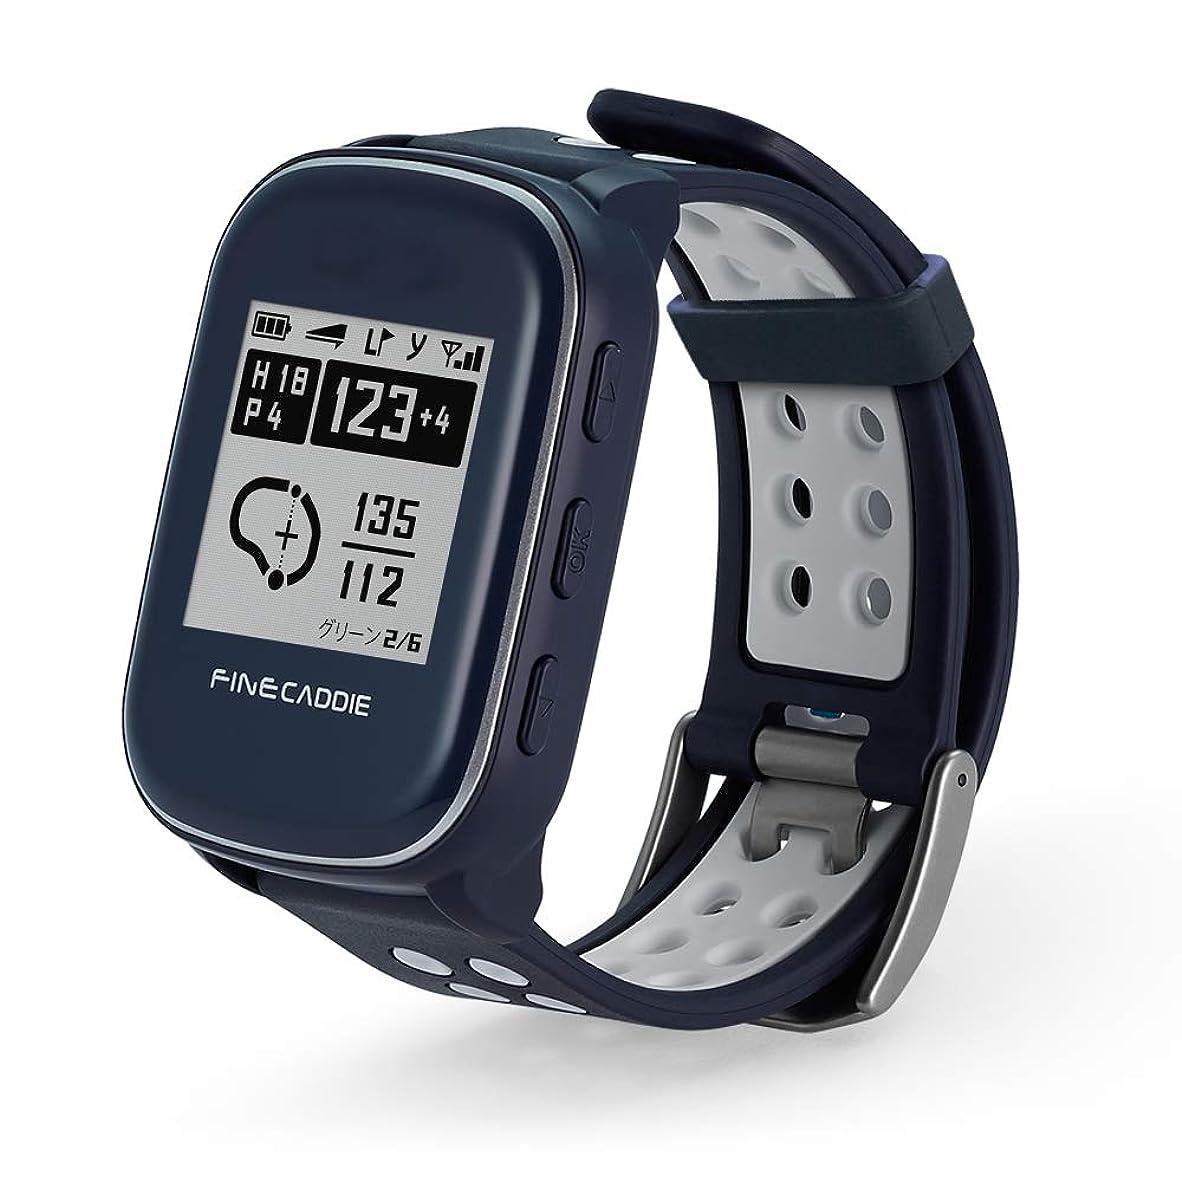 月曜日出費情緒的【19年新モデル】ゴルフナビ ゴルフGPS 腕時計型 距離測定器 高低差?コースデータ自動更新?超軽量38g ファインキャディ(FineCaddie) M500アルファ